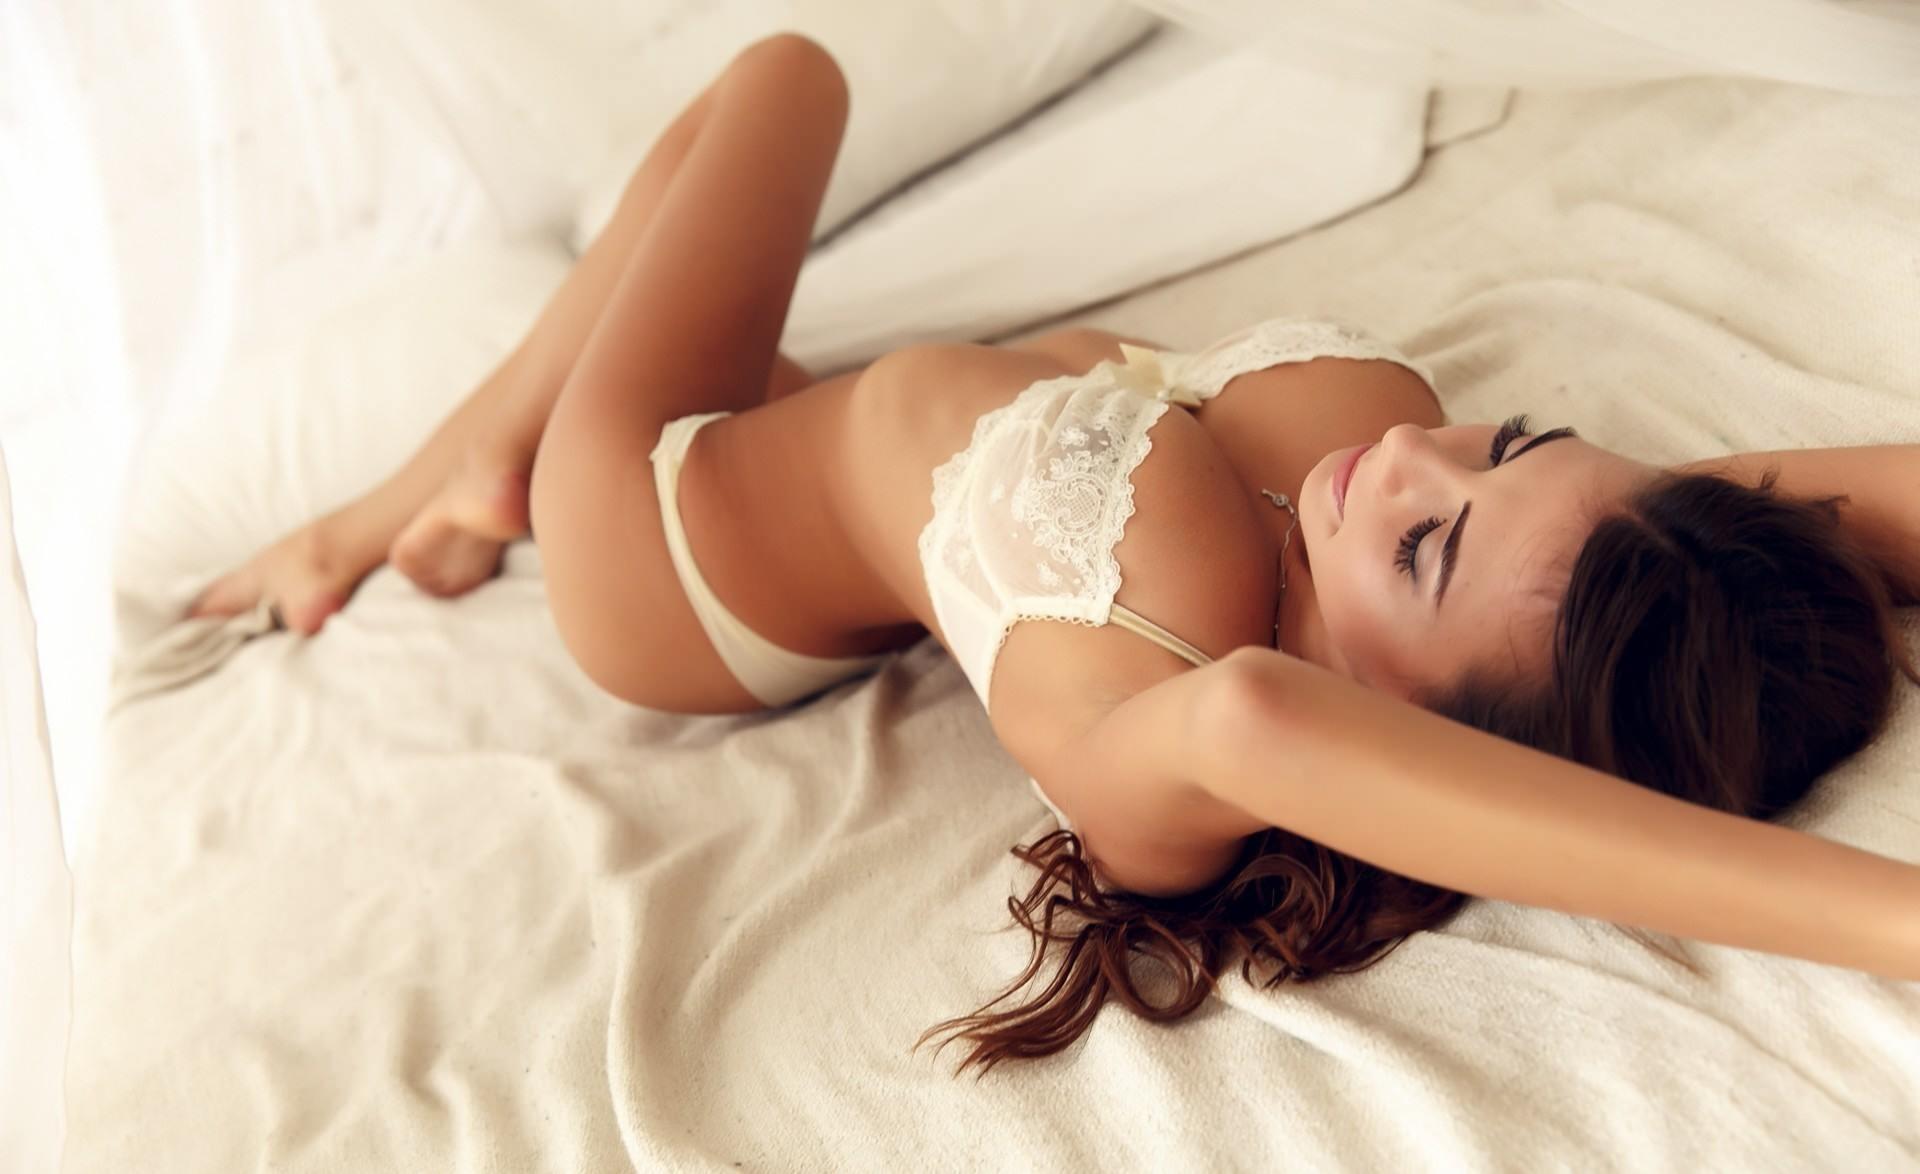 Фото Сексуальная брюнетка в белом нижнем белье, красивый лифчик, постель, скачать картинку бесплатно